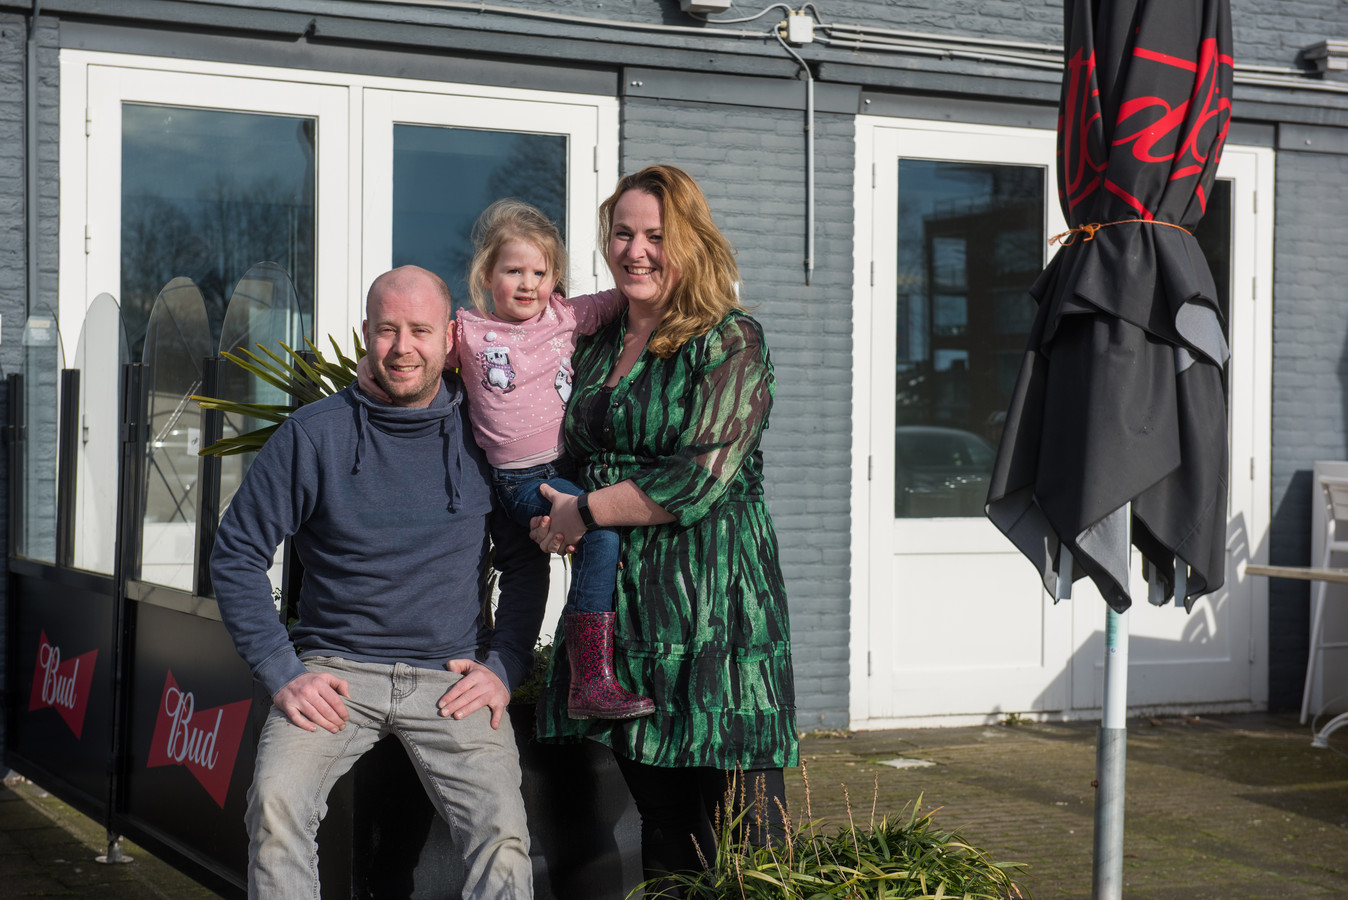 Nick en Rebecca Schaminée met dochtertje Wies voor het pand waarin volgende week Grand Café Sowieso van start gaat.